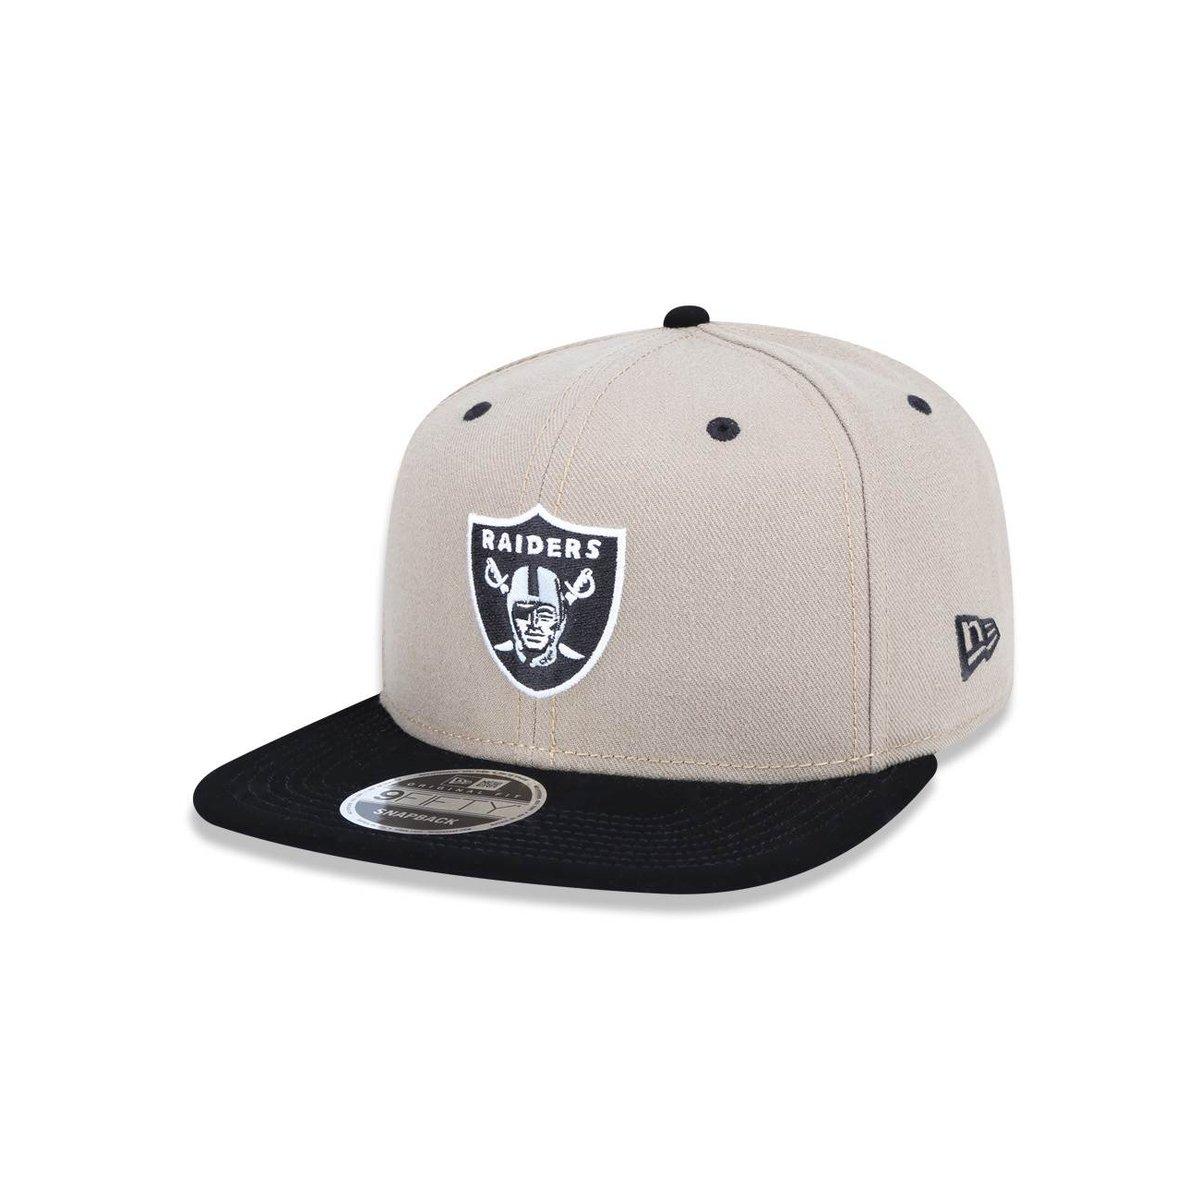 Boné Raiders New Era Snapback - NYC 8dd64e17b67